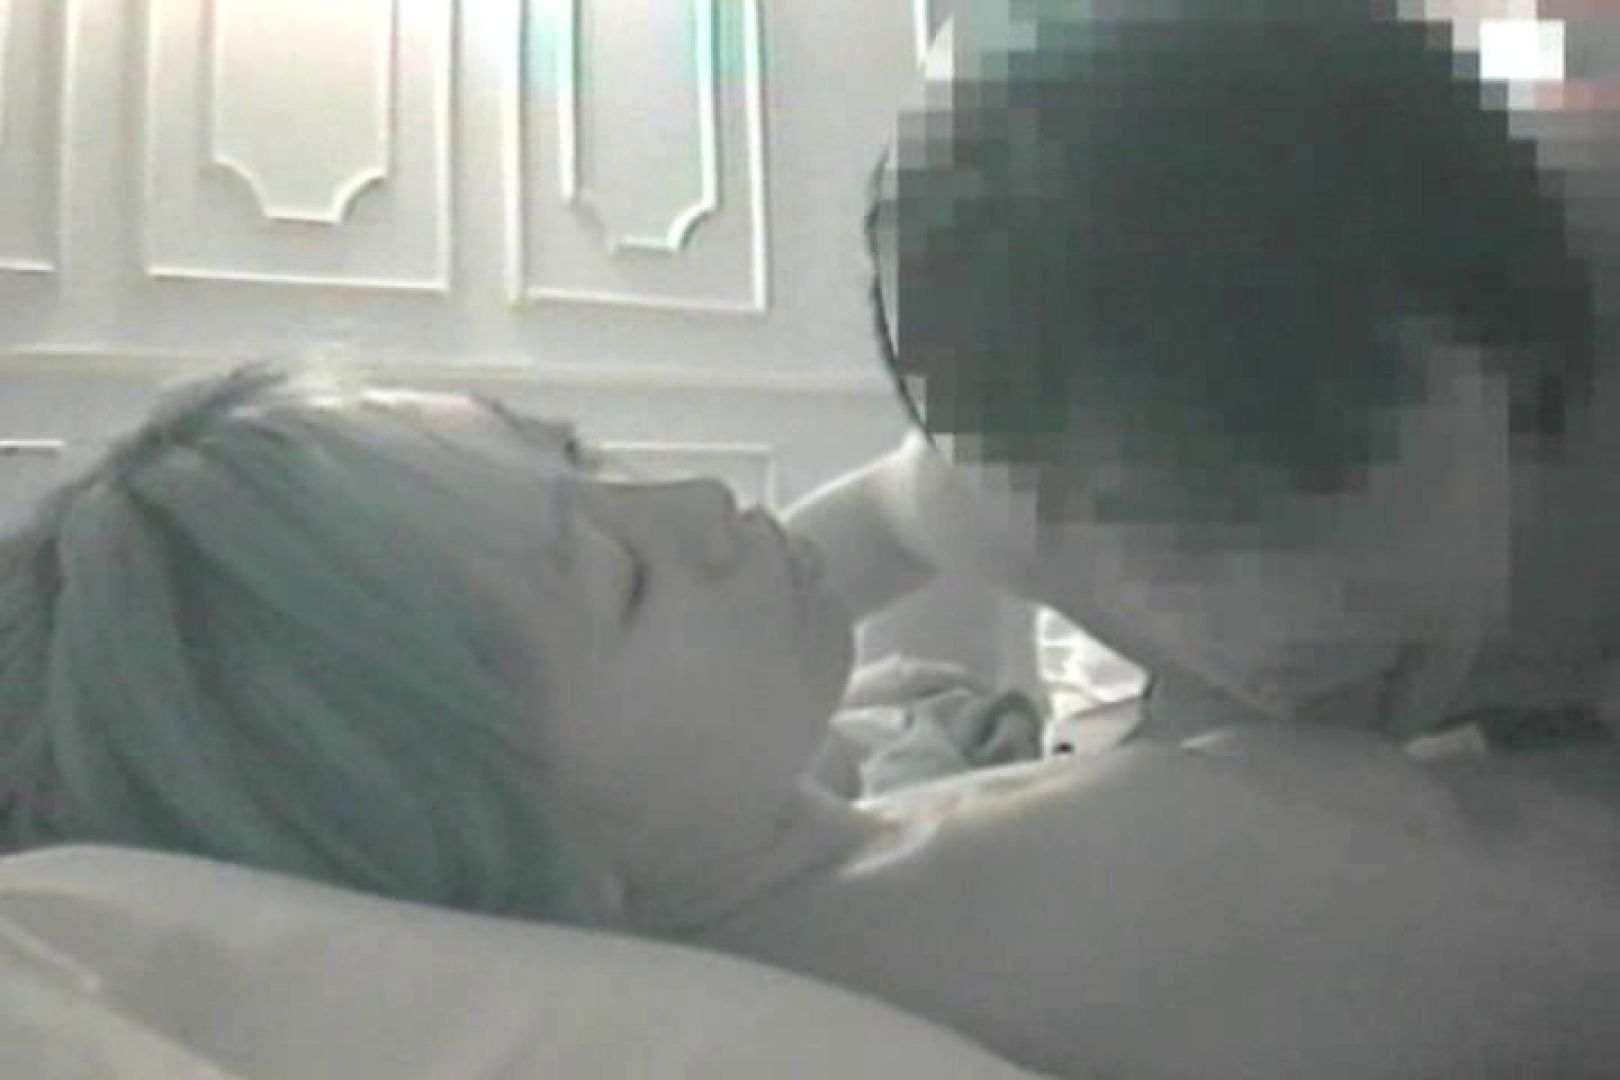 素人嬢をホテルに連れ込みアンナ事・コンナ事!?Vol.2 フェラ   素人  61pic 1